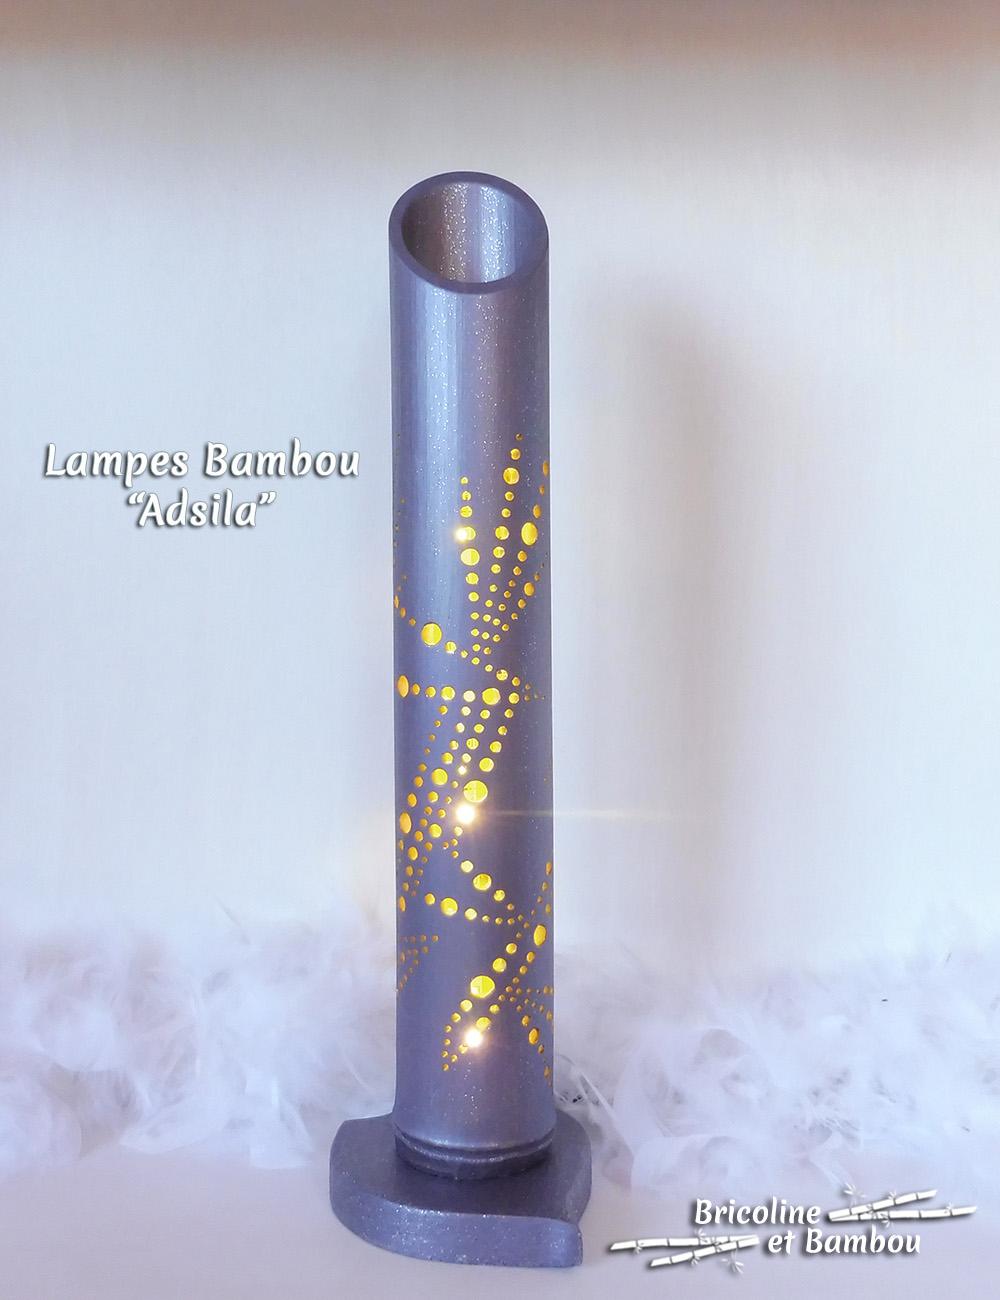 Lampe Bambou Adsila